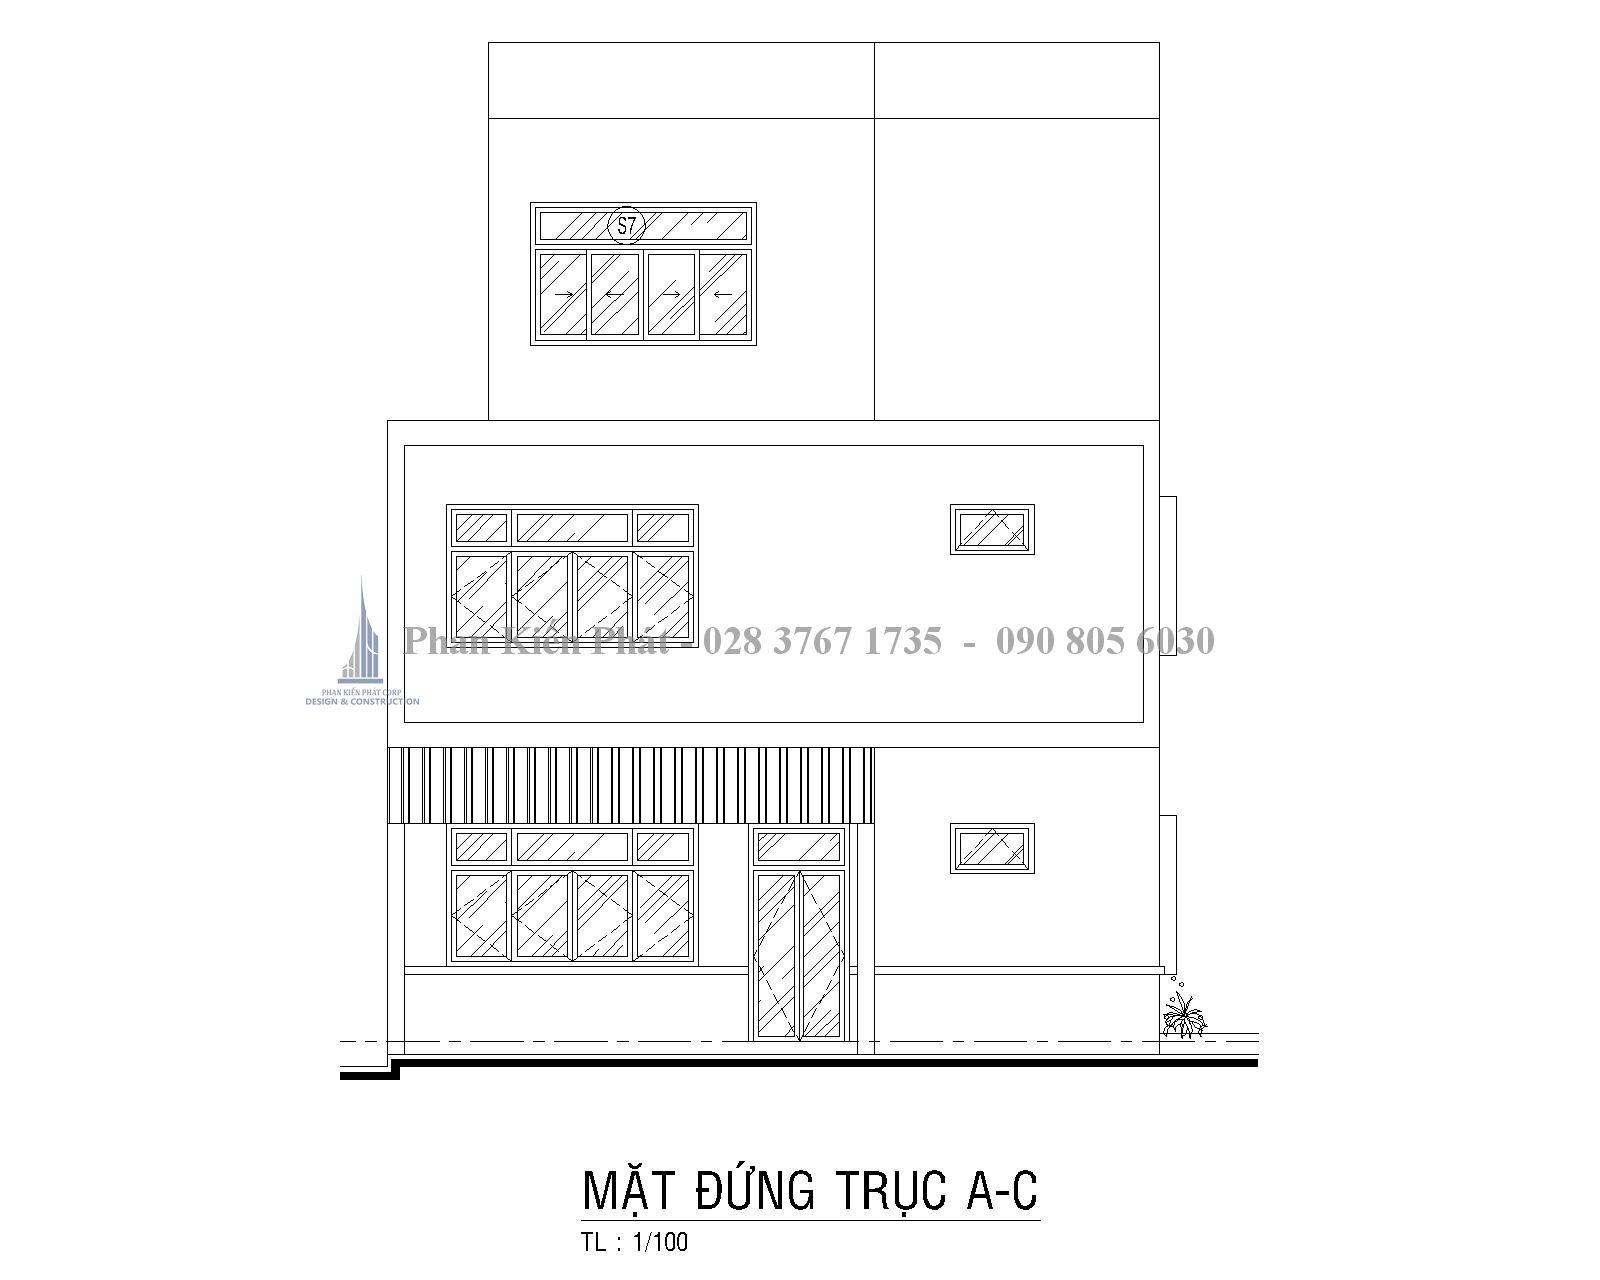 Mat Dung Biet Thu Vuon